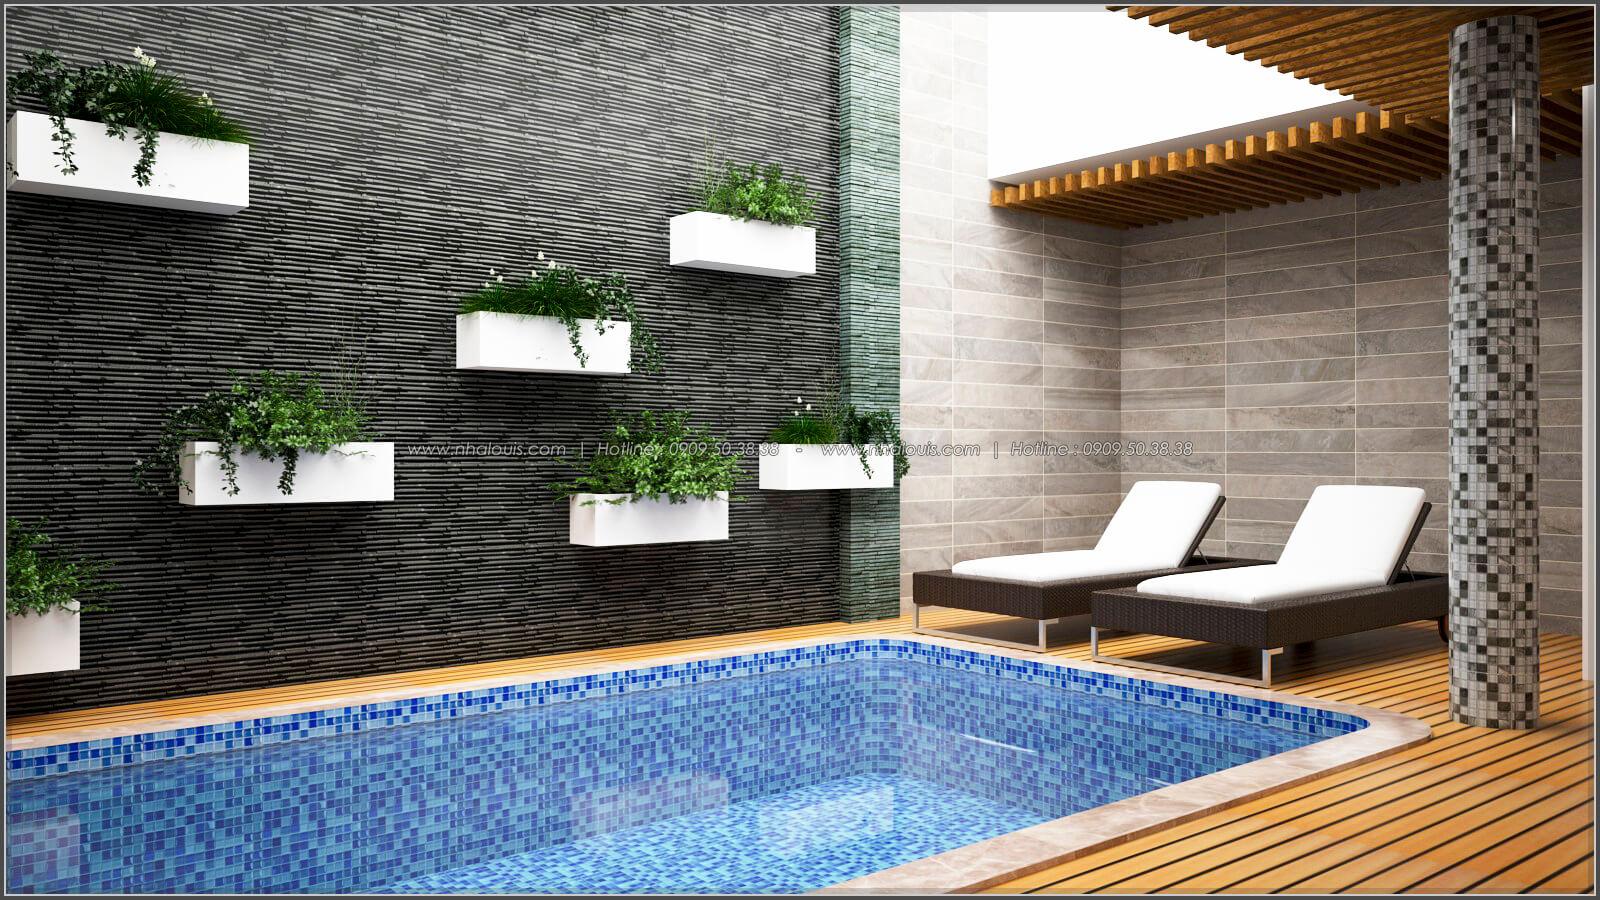 Hồ bơi Thiết kế biệt thự có hồ bơi trong nhà ấn tượng tại quận Tân Bình - 8